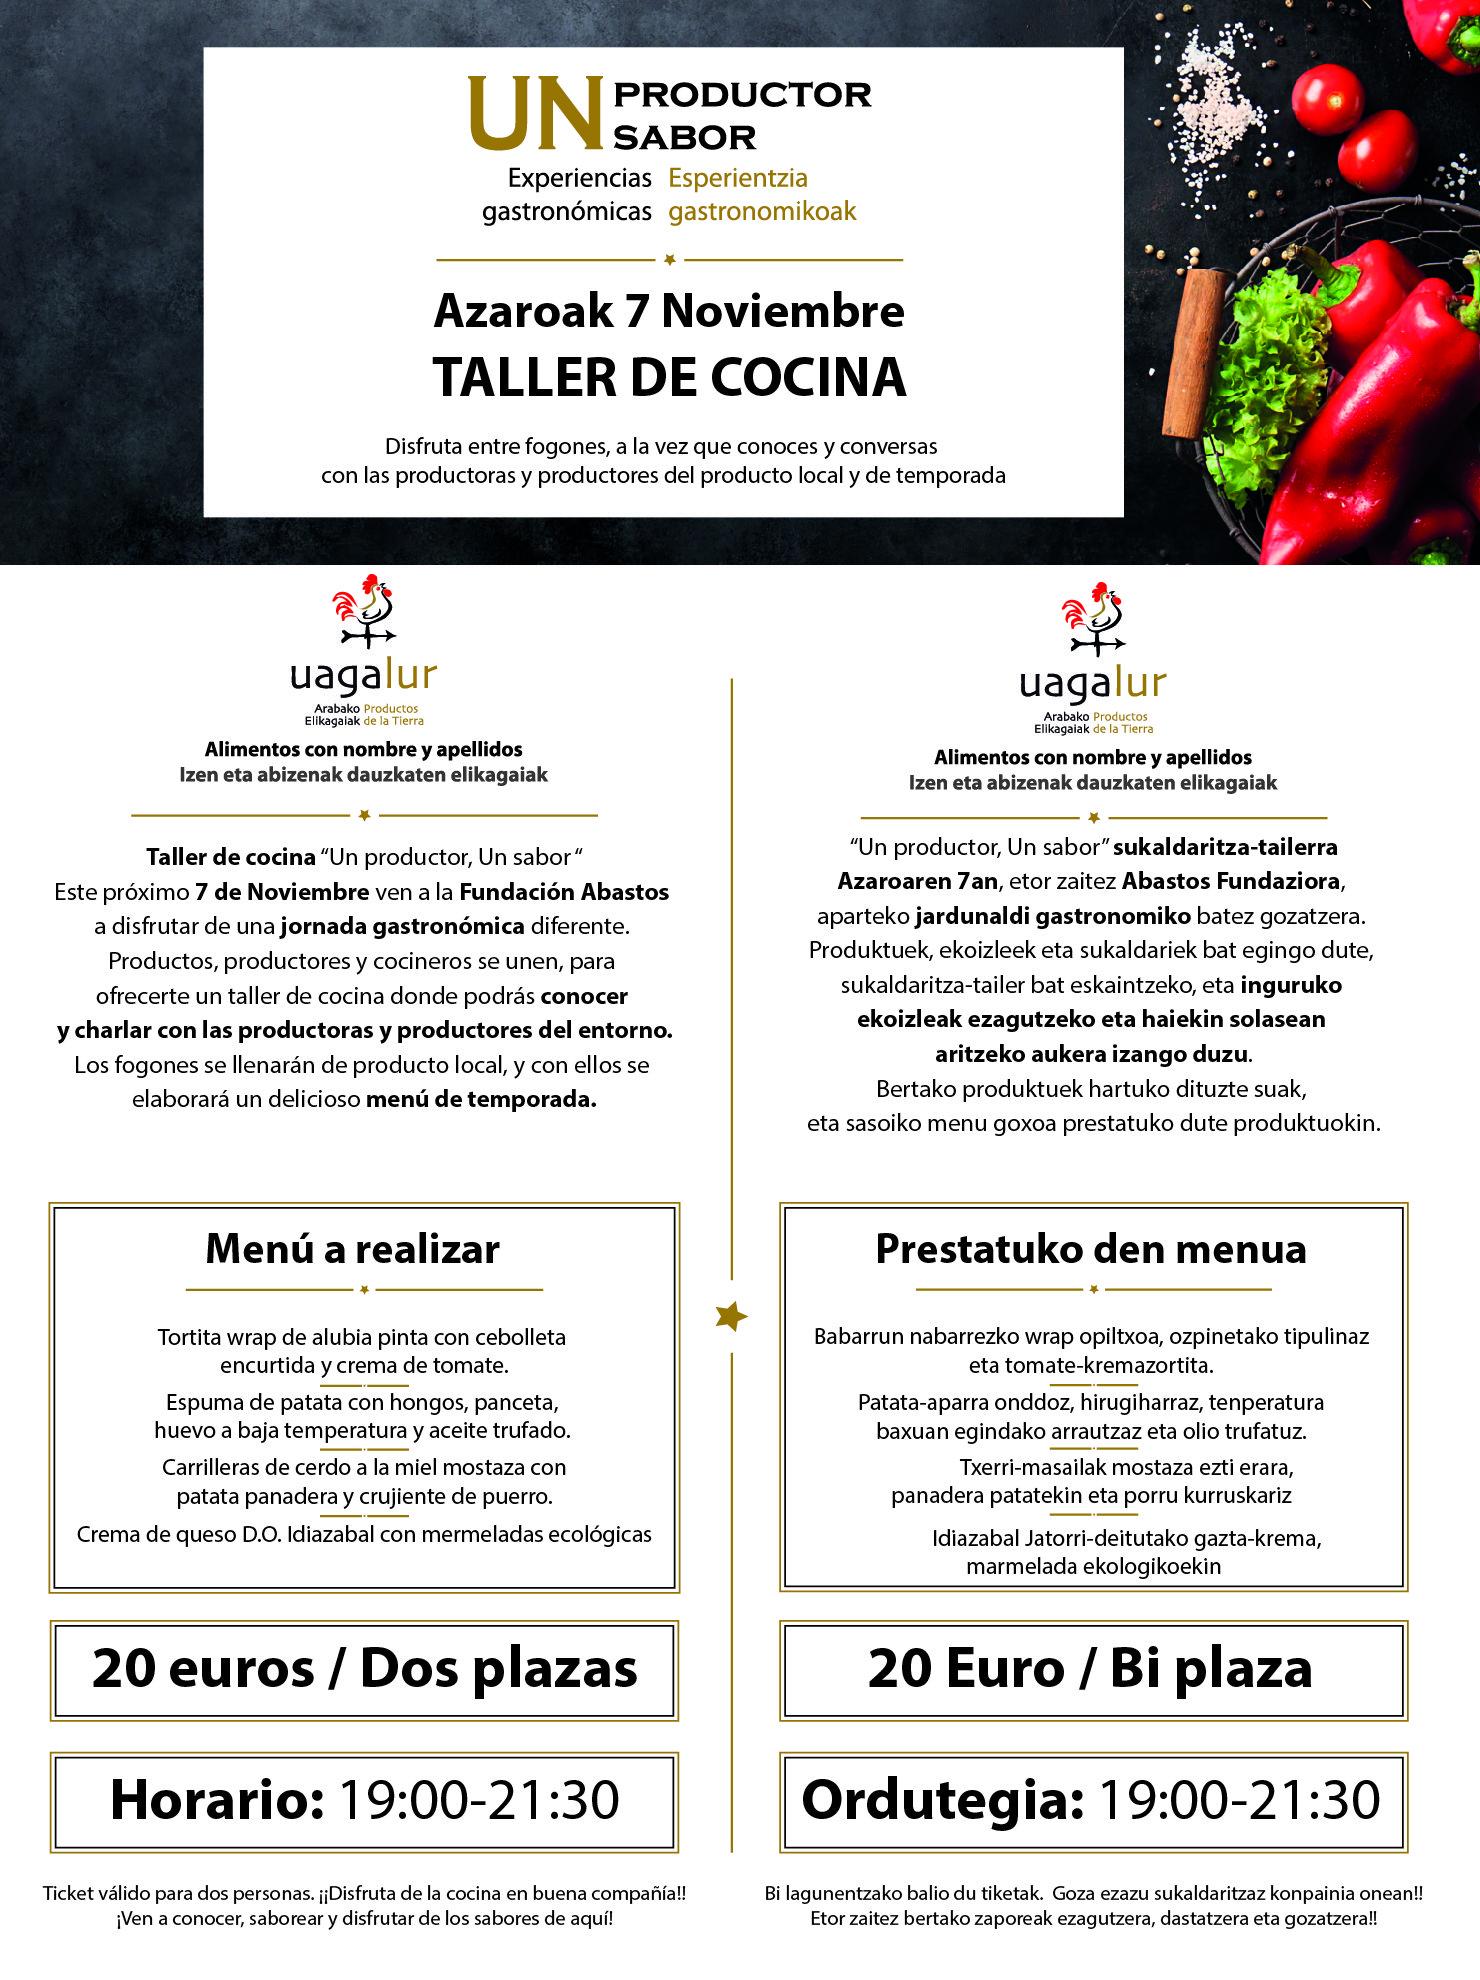 """TALLER DE COCINA """"UN PRODUCTOR, UN SABOR"""""""